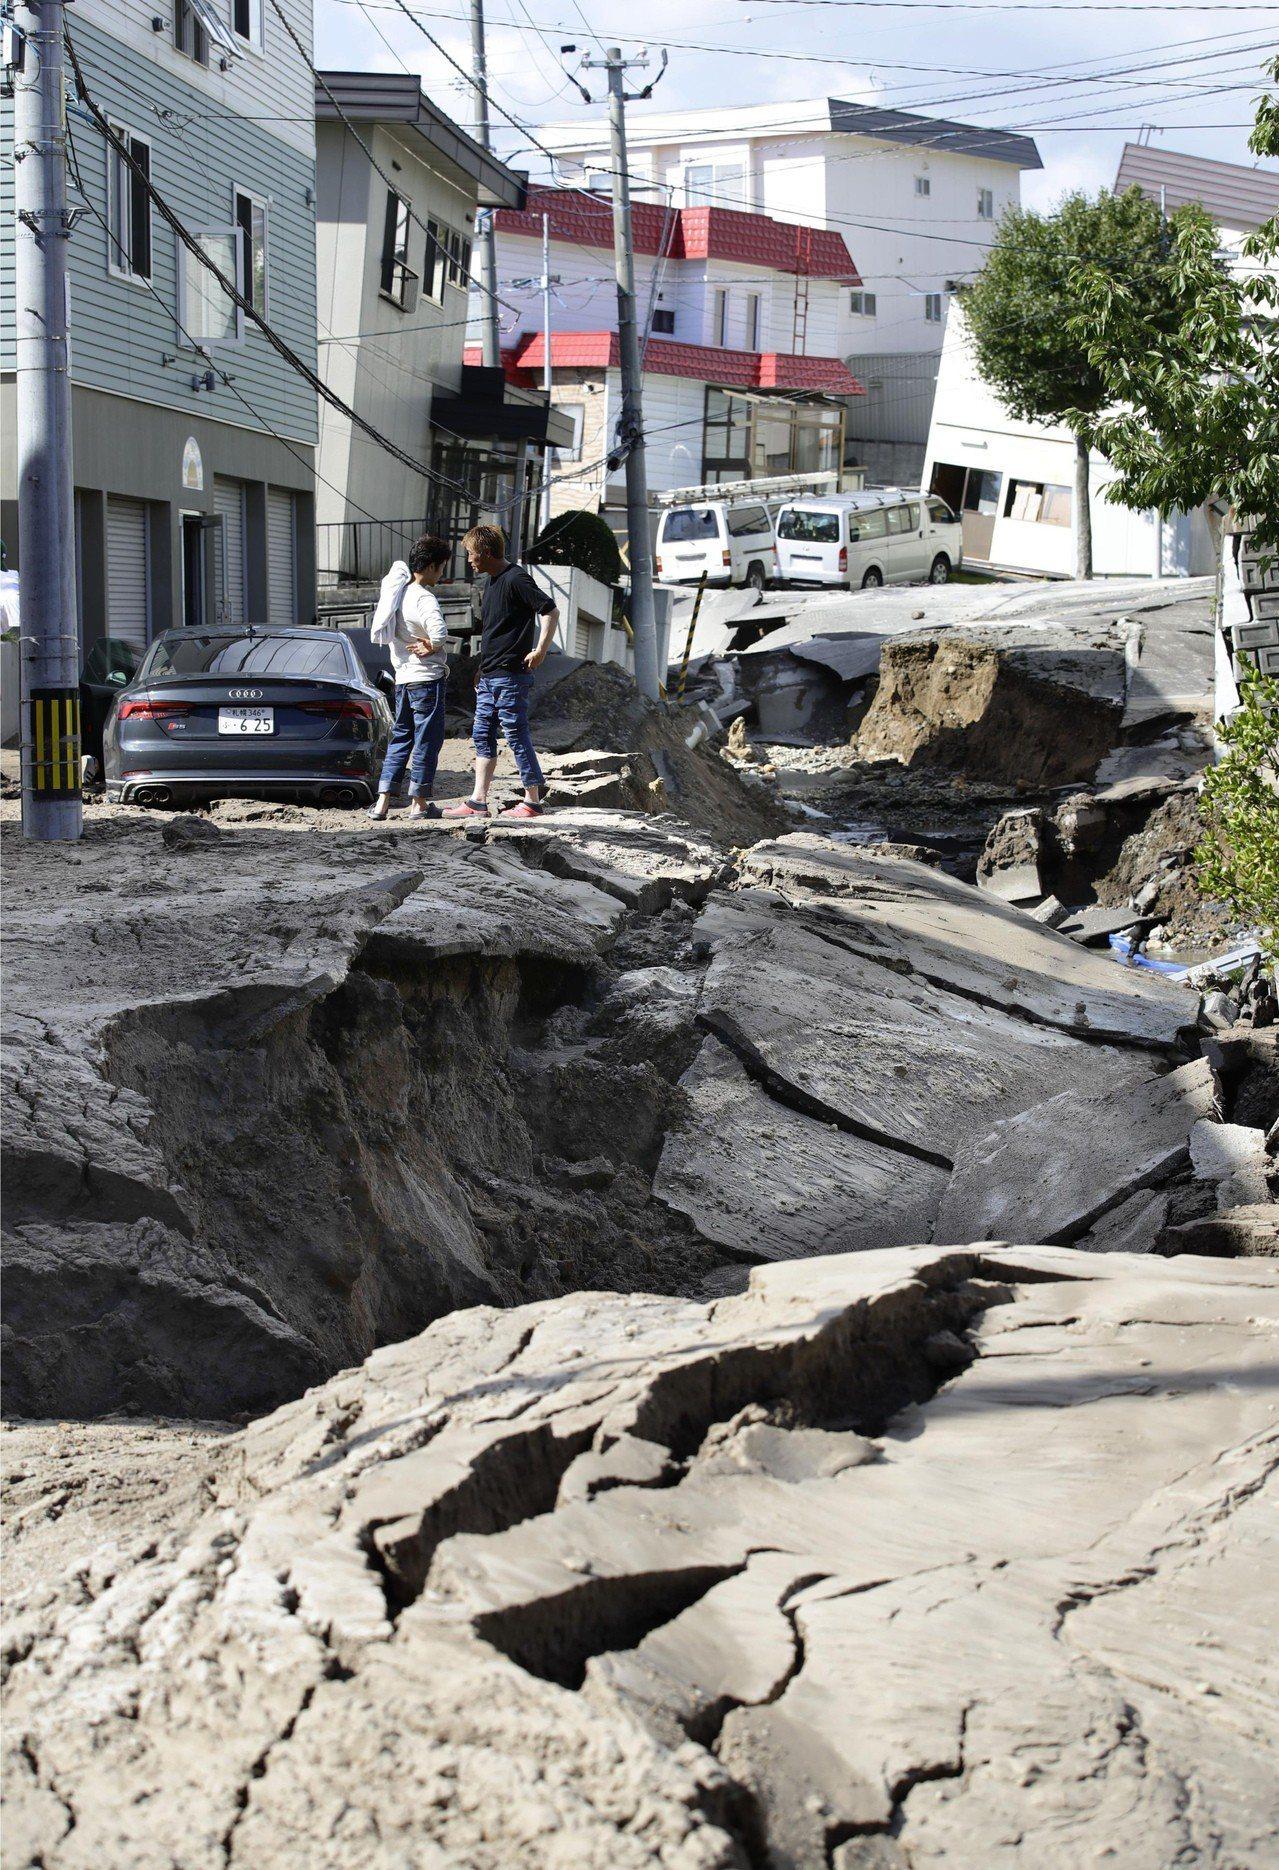 日本北海道6日凌晨發生規模6.7強震,札幌市區一條道路出現嚴重塌陷。 (美聯社)